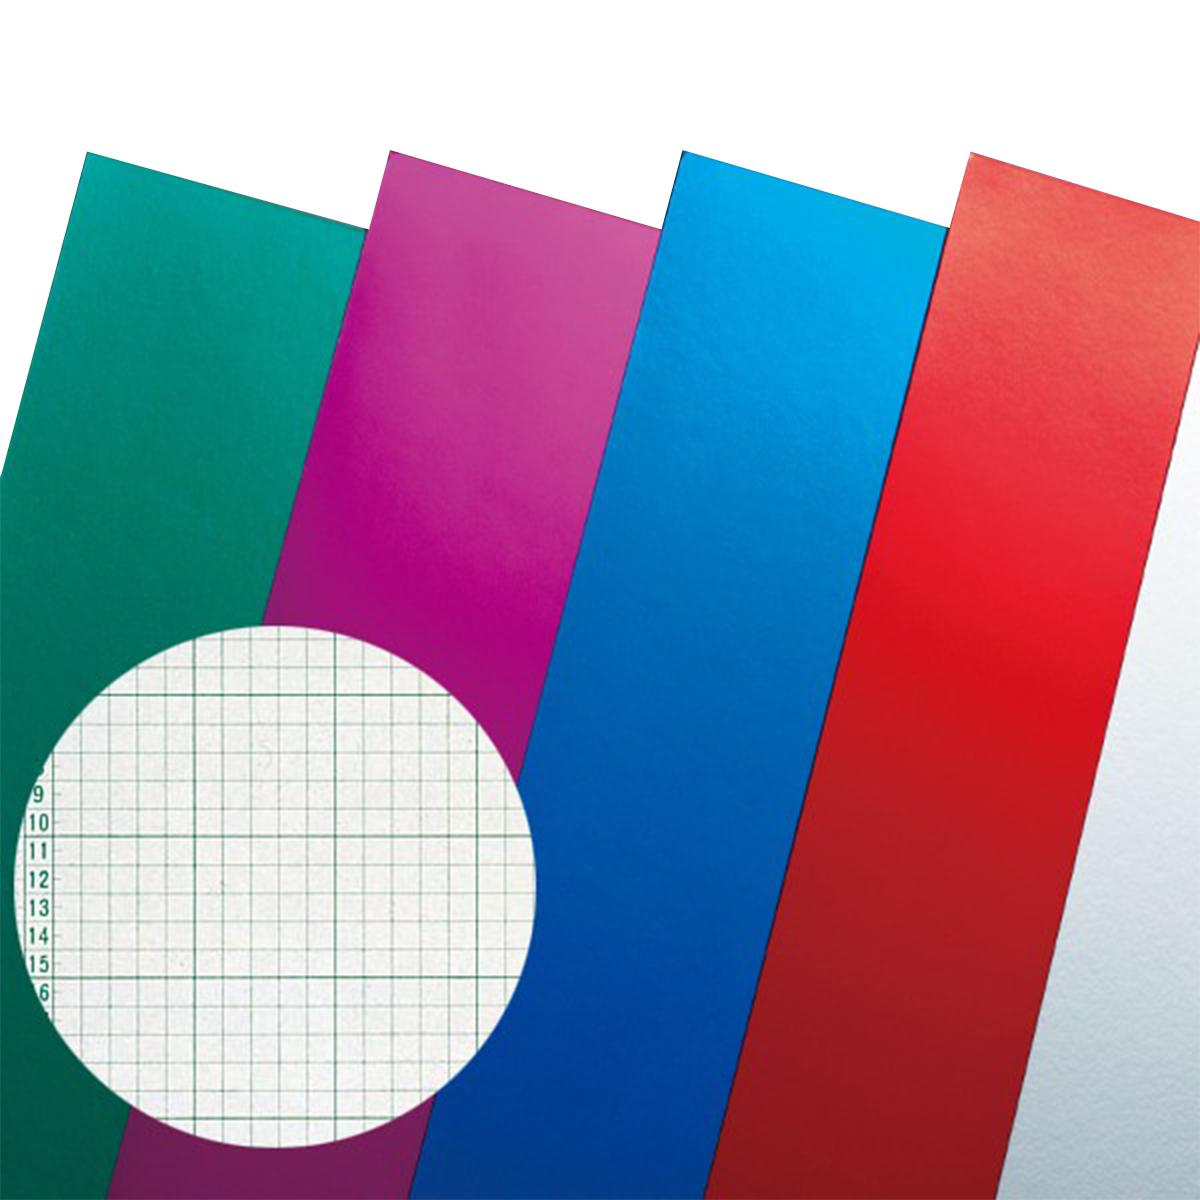 裏面に方眼が印刷されているので設計しやすい カラー工作用紙 裏面方眼付 A3判 ホイルカラー 10枚組 【 工作 紙 方眼 造形 製作 】